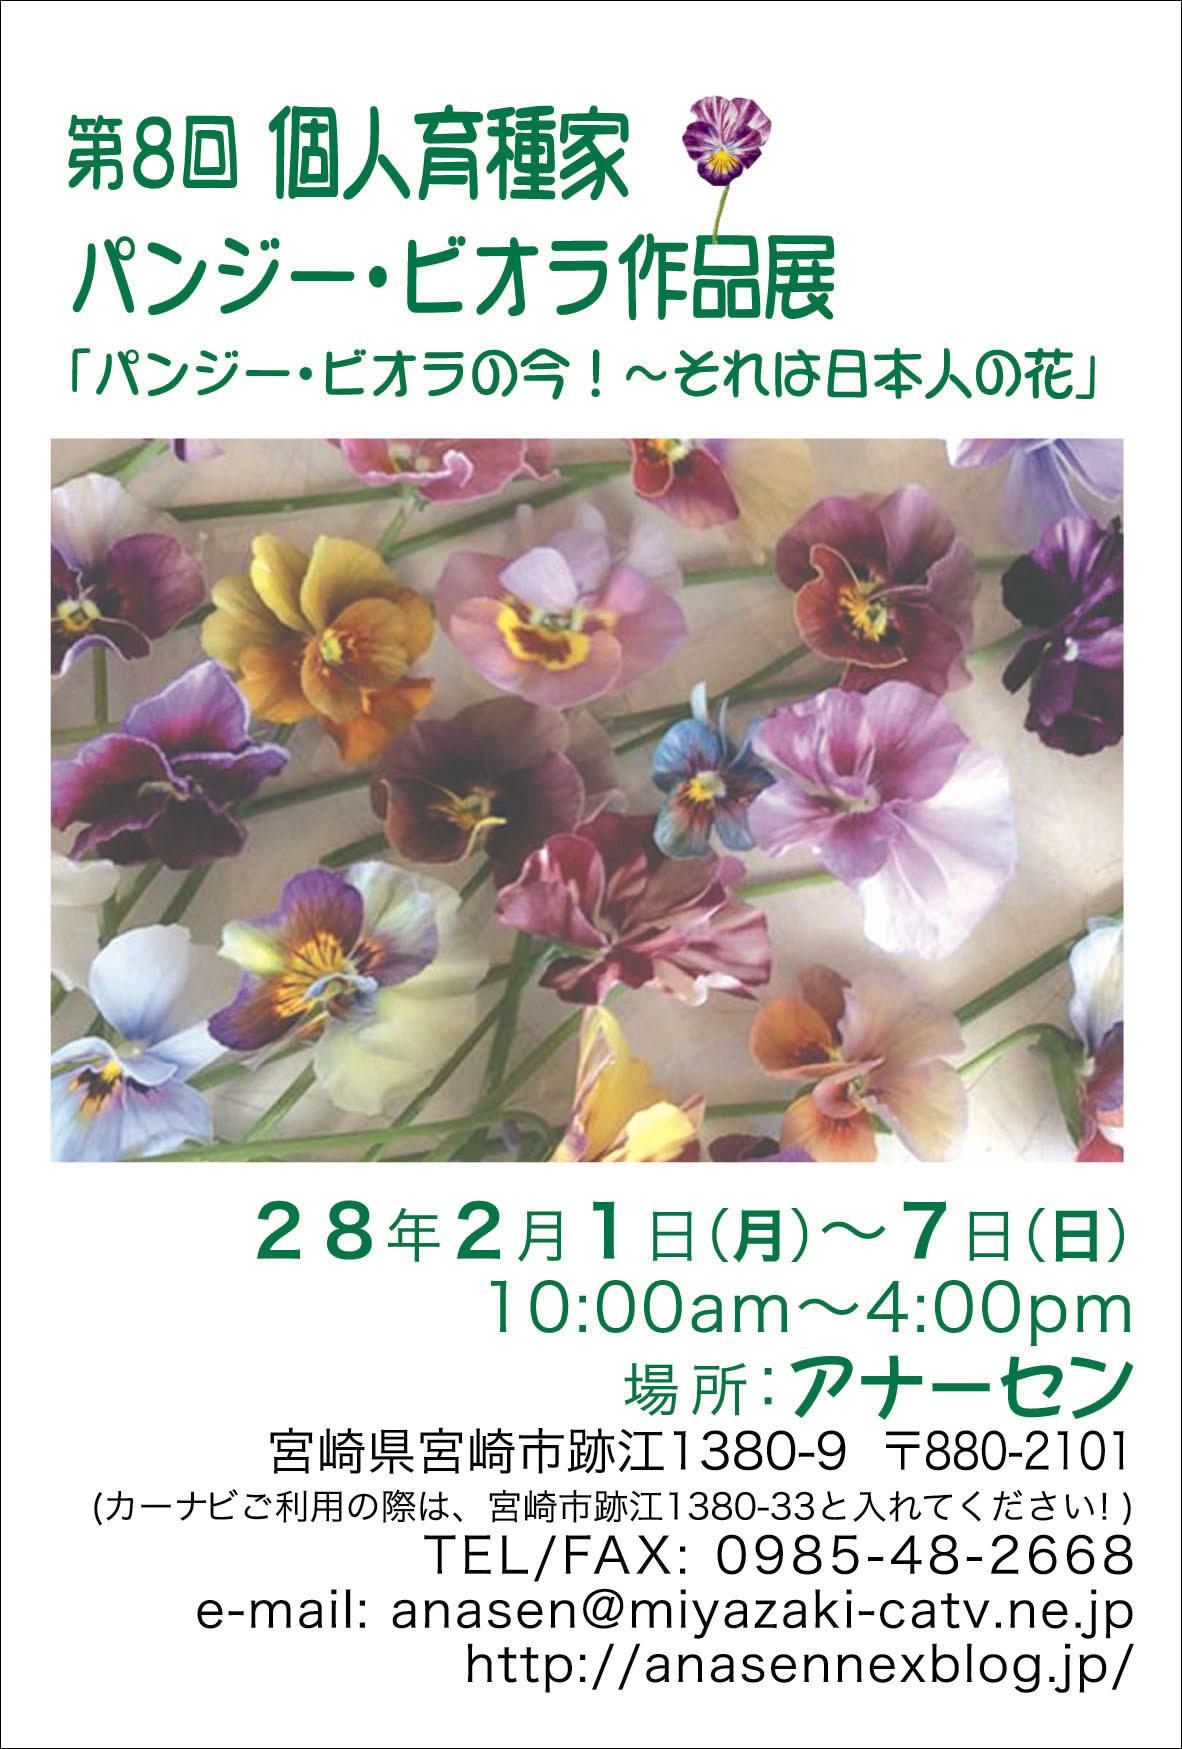 人に恋するように花との出会いも直感_b0137969_05324968.jpeg